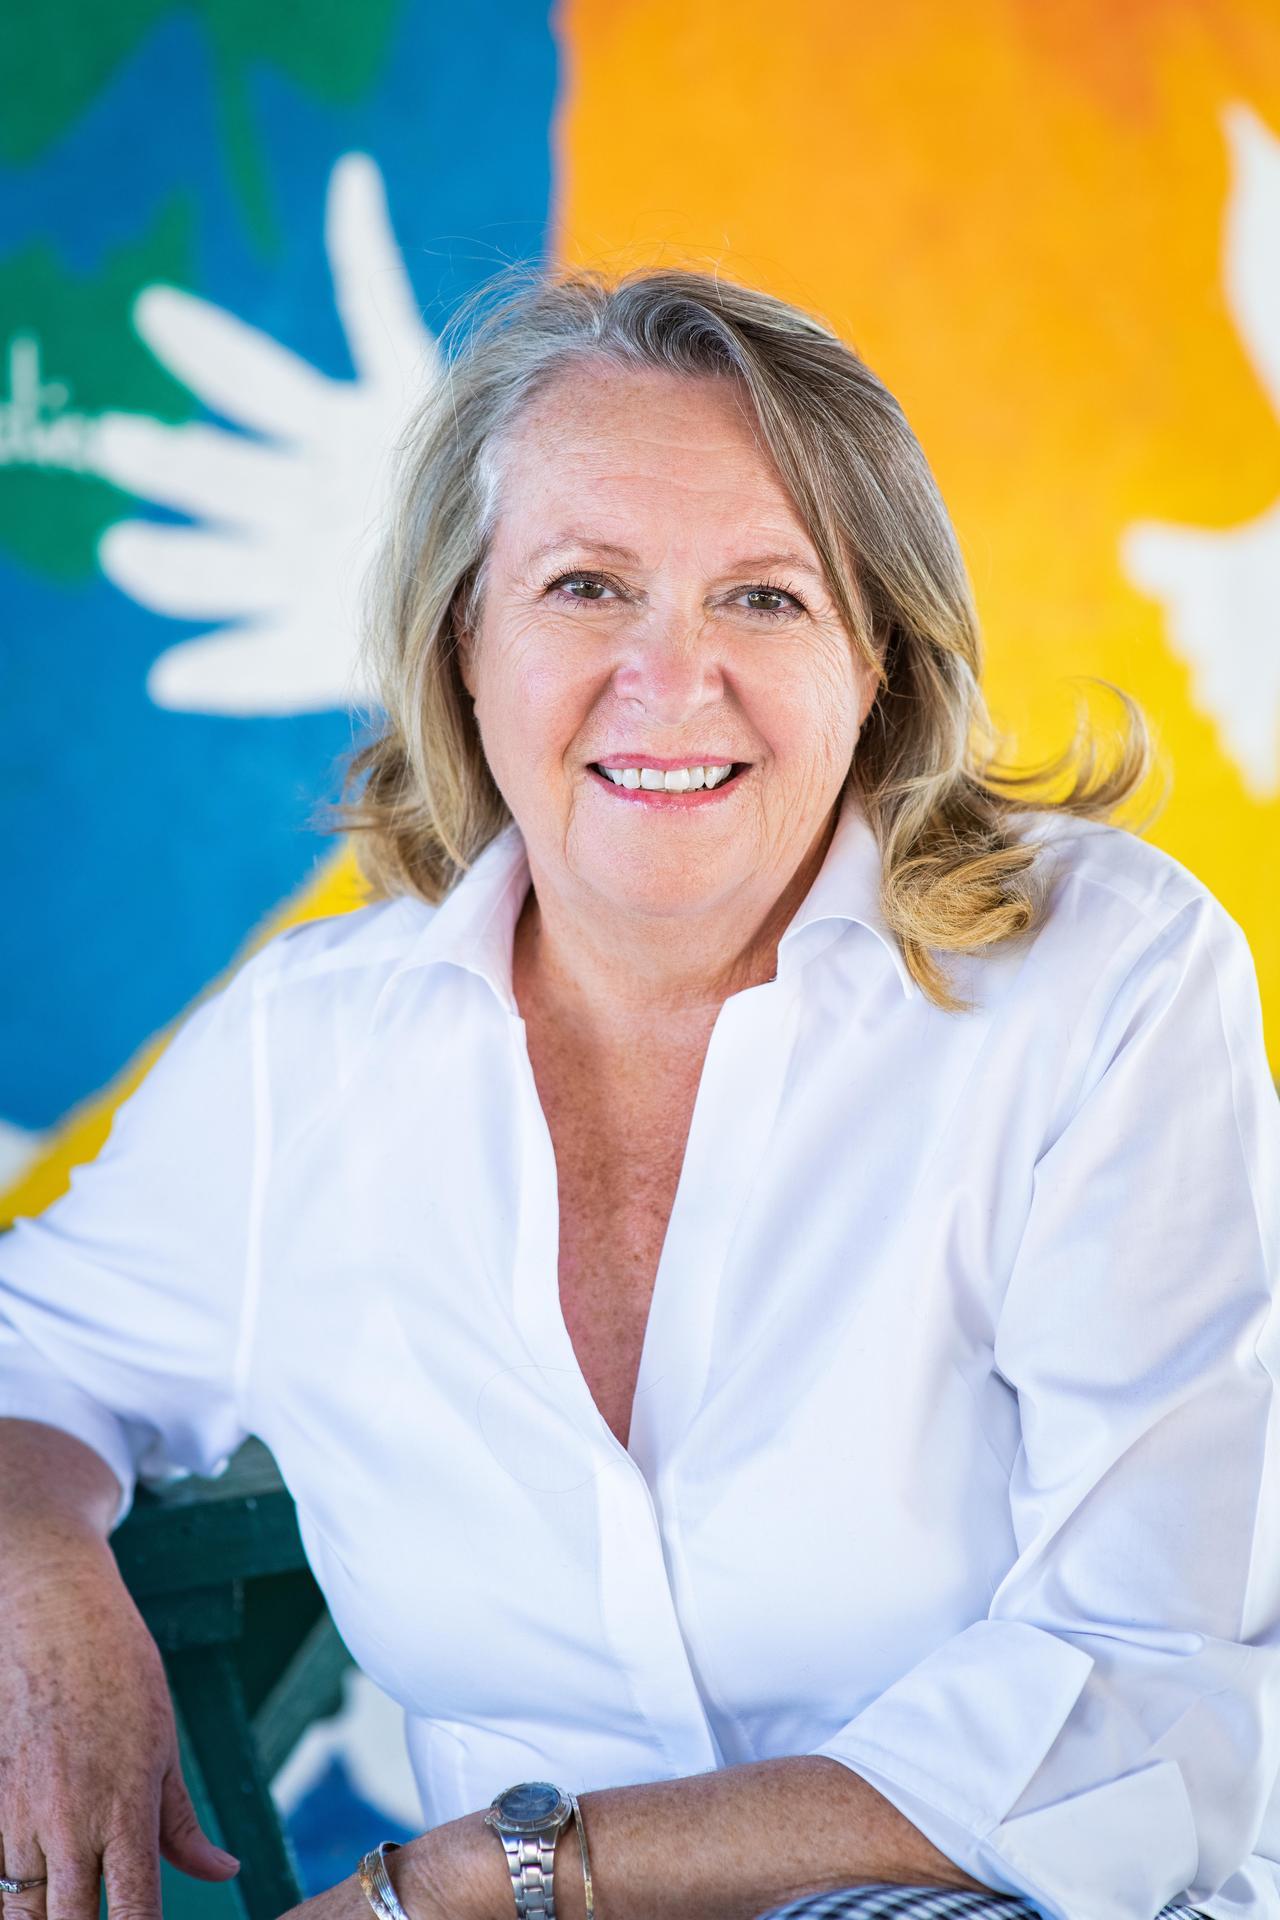 Kathryn Dillette